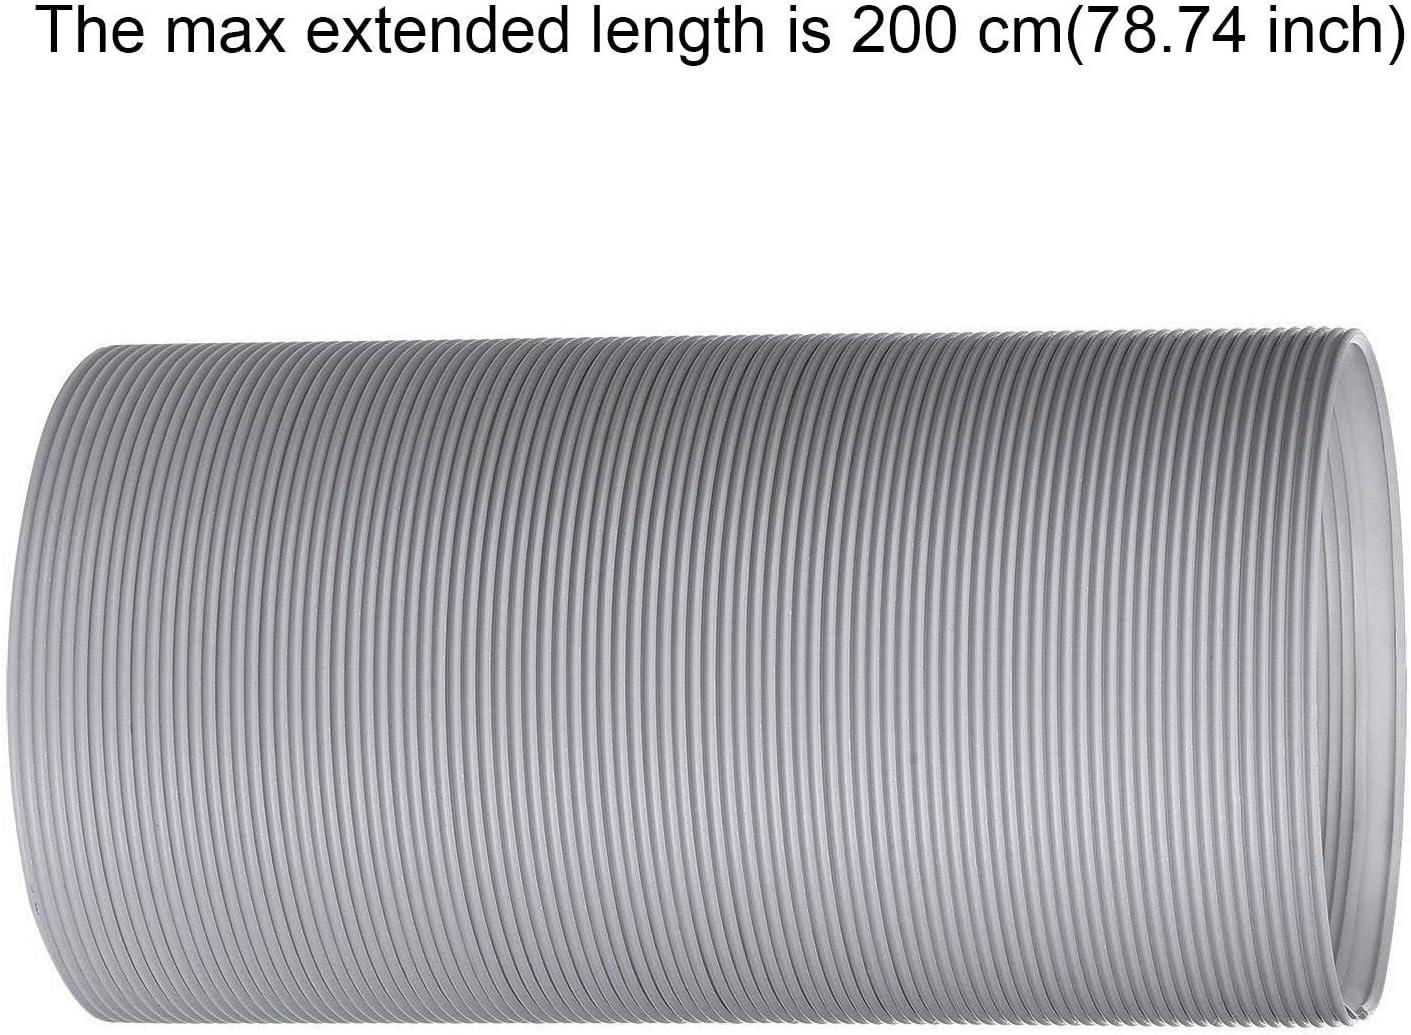 FGHB Tubo Di Scarico Portatile Con Condizionatore 13cm 15cm Diametro Sfiato Di Scarico Portatile Con Raccordo Antiorario In Bianco